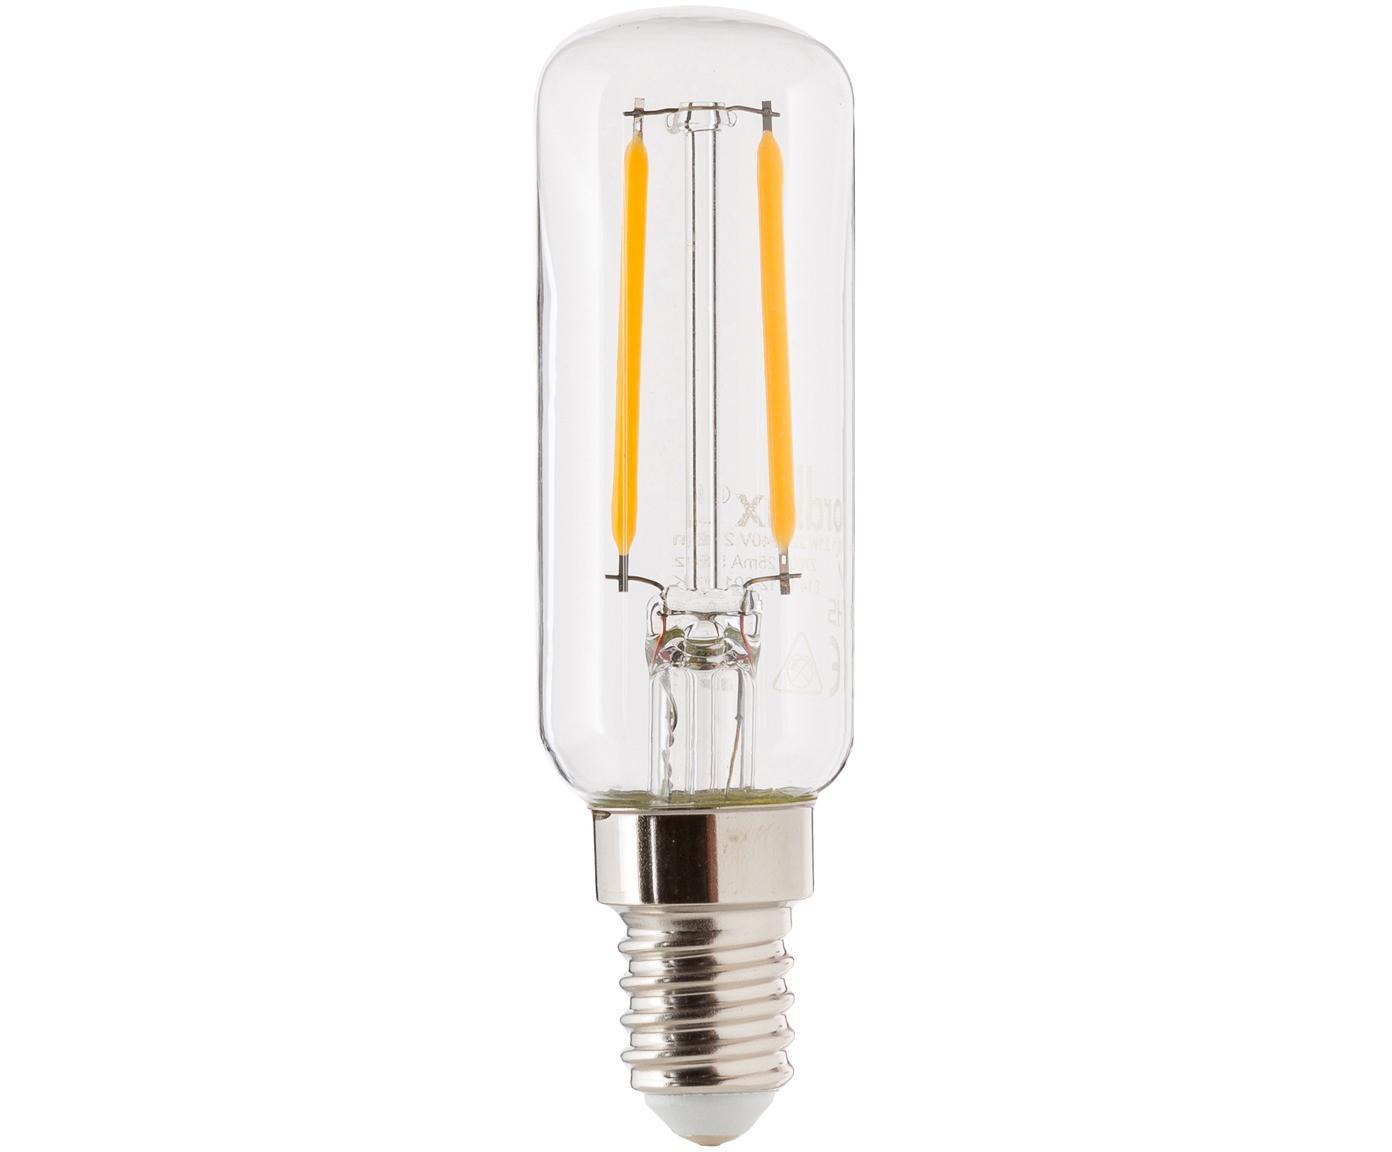 Żarówka LED Yura (E14/2W), Transparentny, Ø 3 x W 9 cm